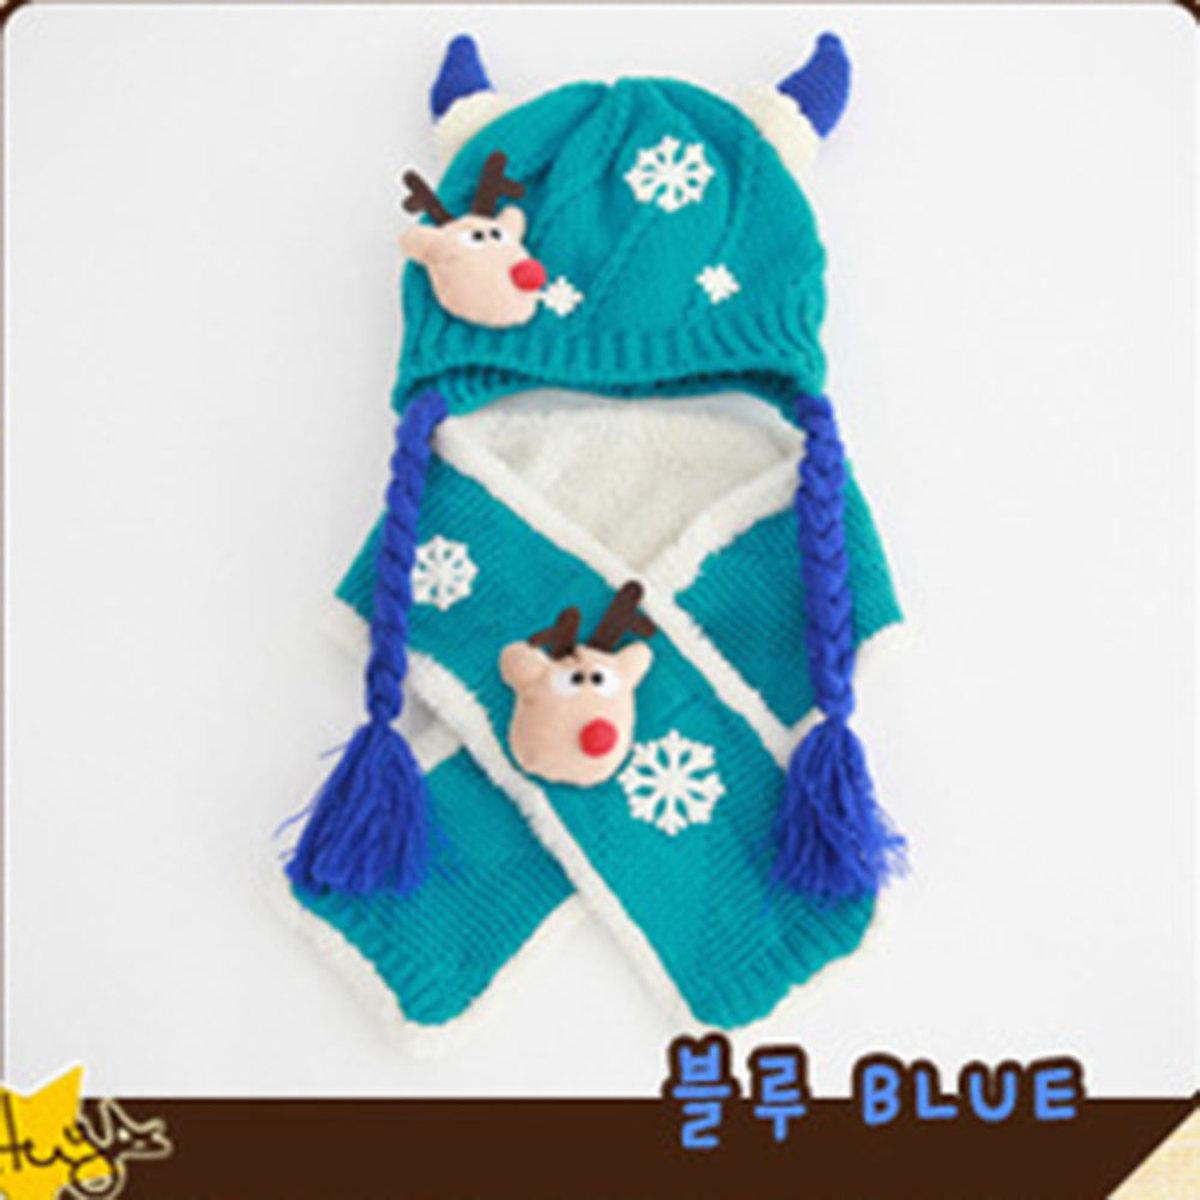 TUTUYA 兒童 保暖套裝 聖誕鹿 圍巾 加厚 針絨帽 6色 MZ2256